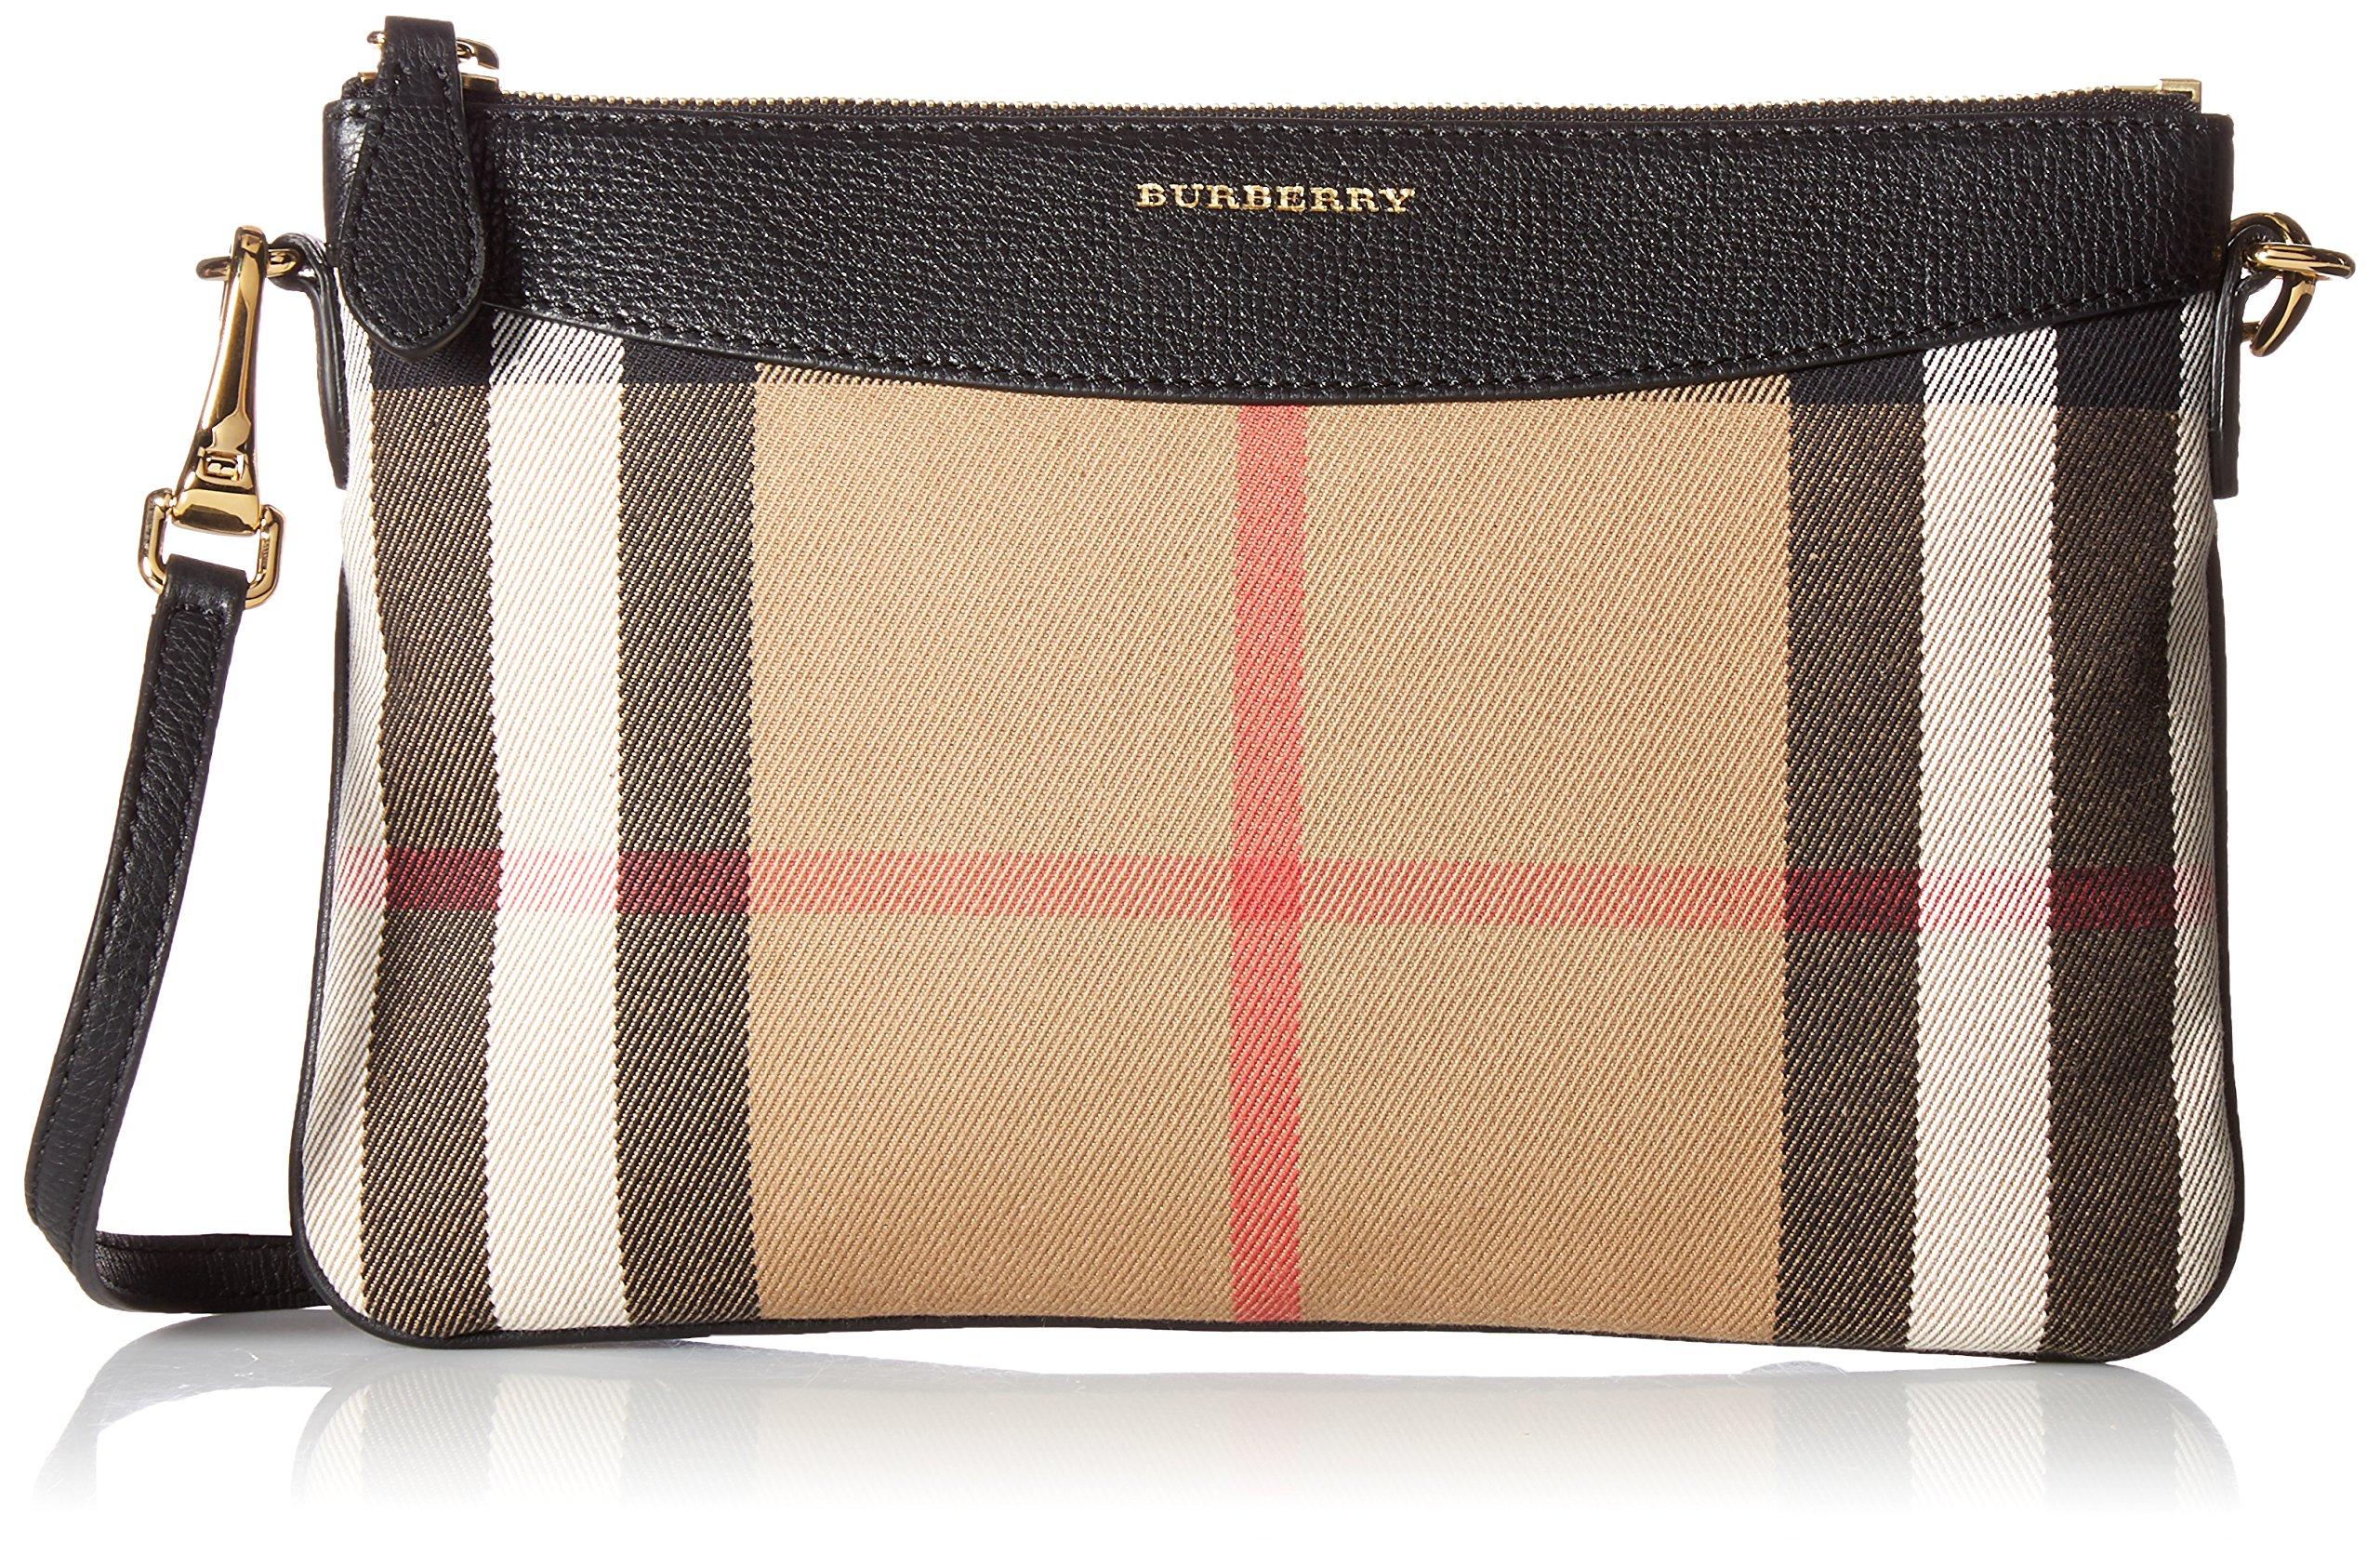 BURBERRY House Check Crossbody Bag 3975376, Black